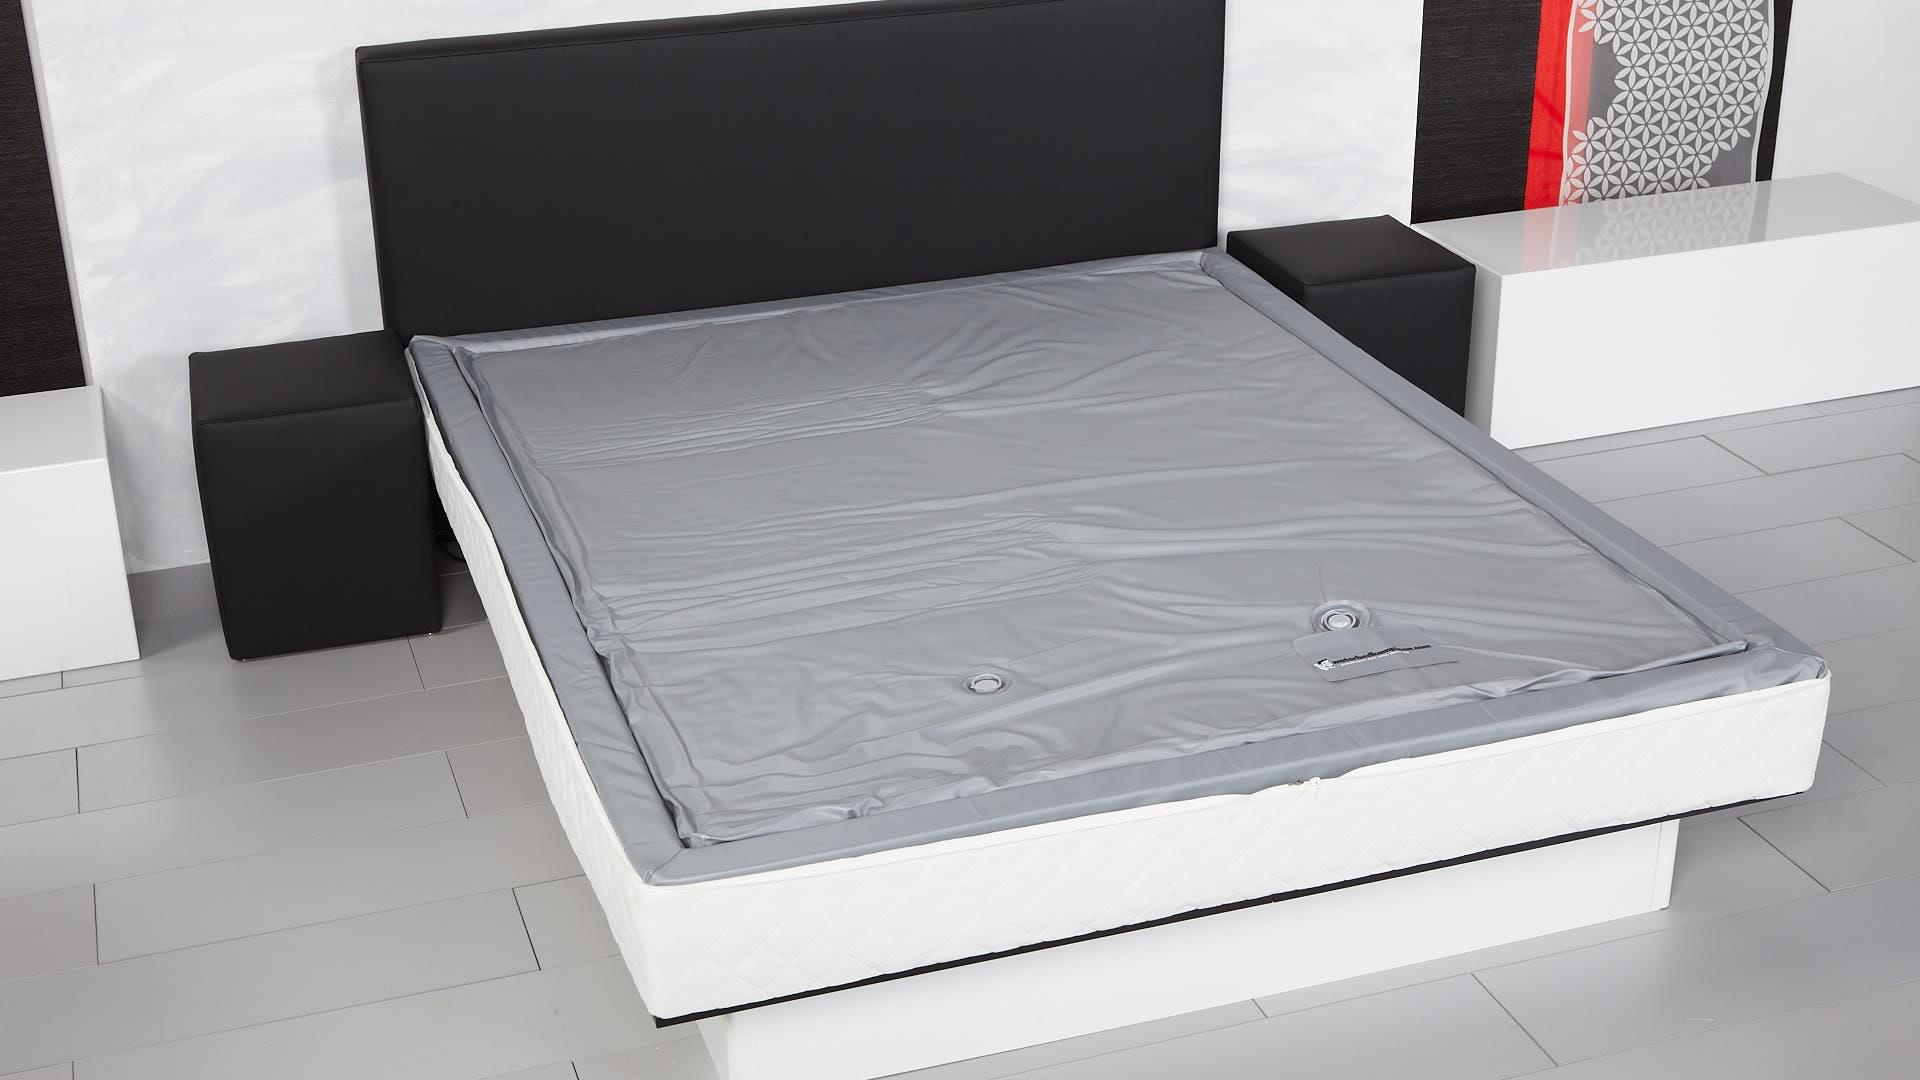 Bosch Bedding Ervaring.Het Perfecte Waterbed Kopen 90 Dagen Op Proef Waterbed Kampioen